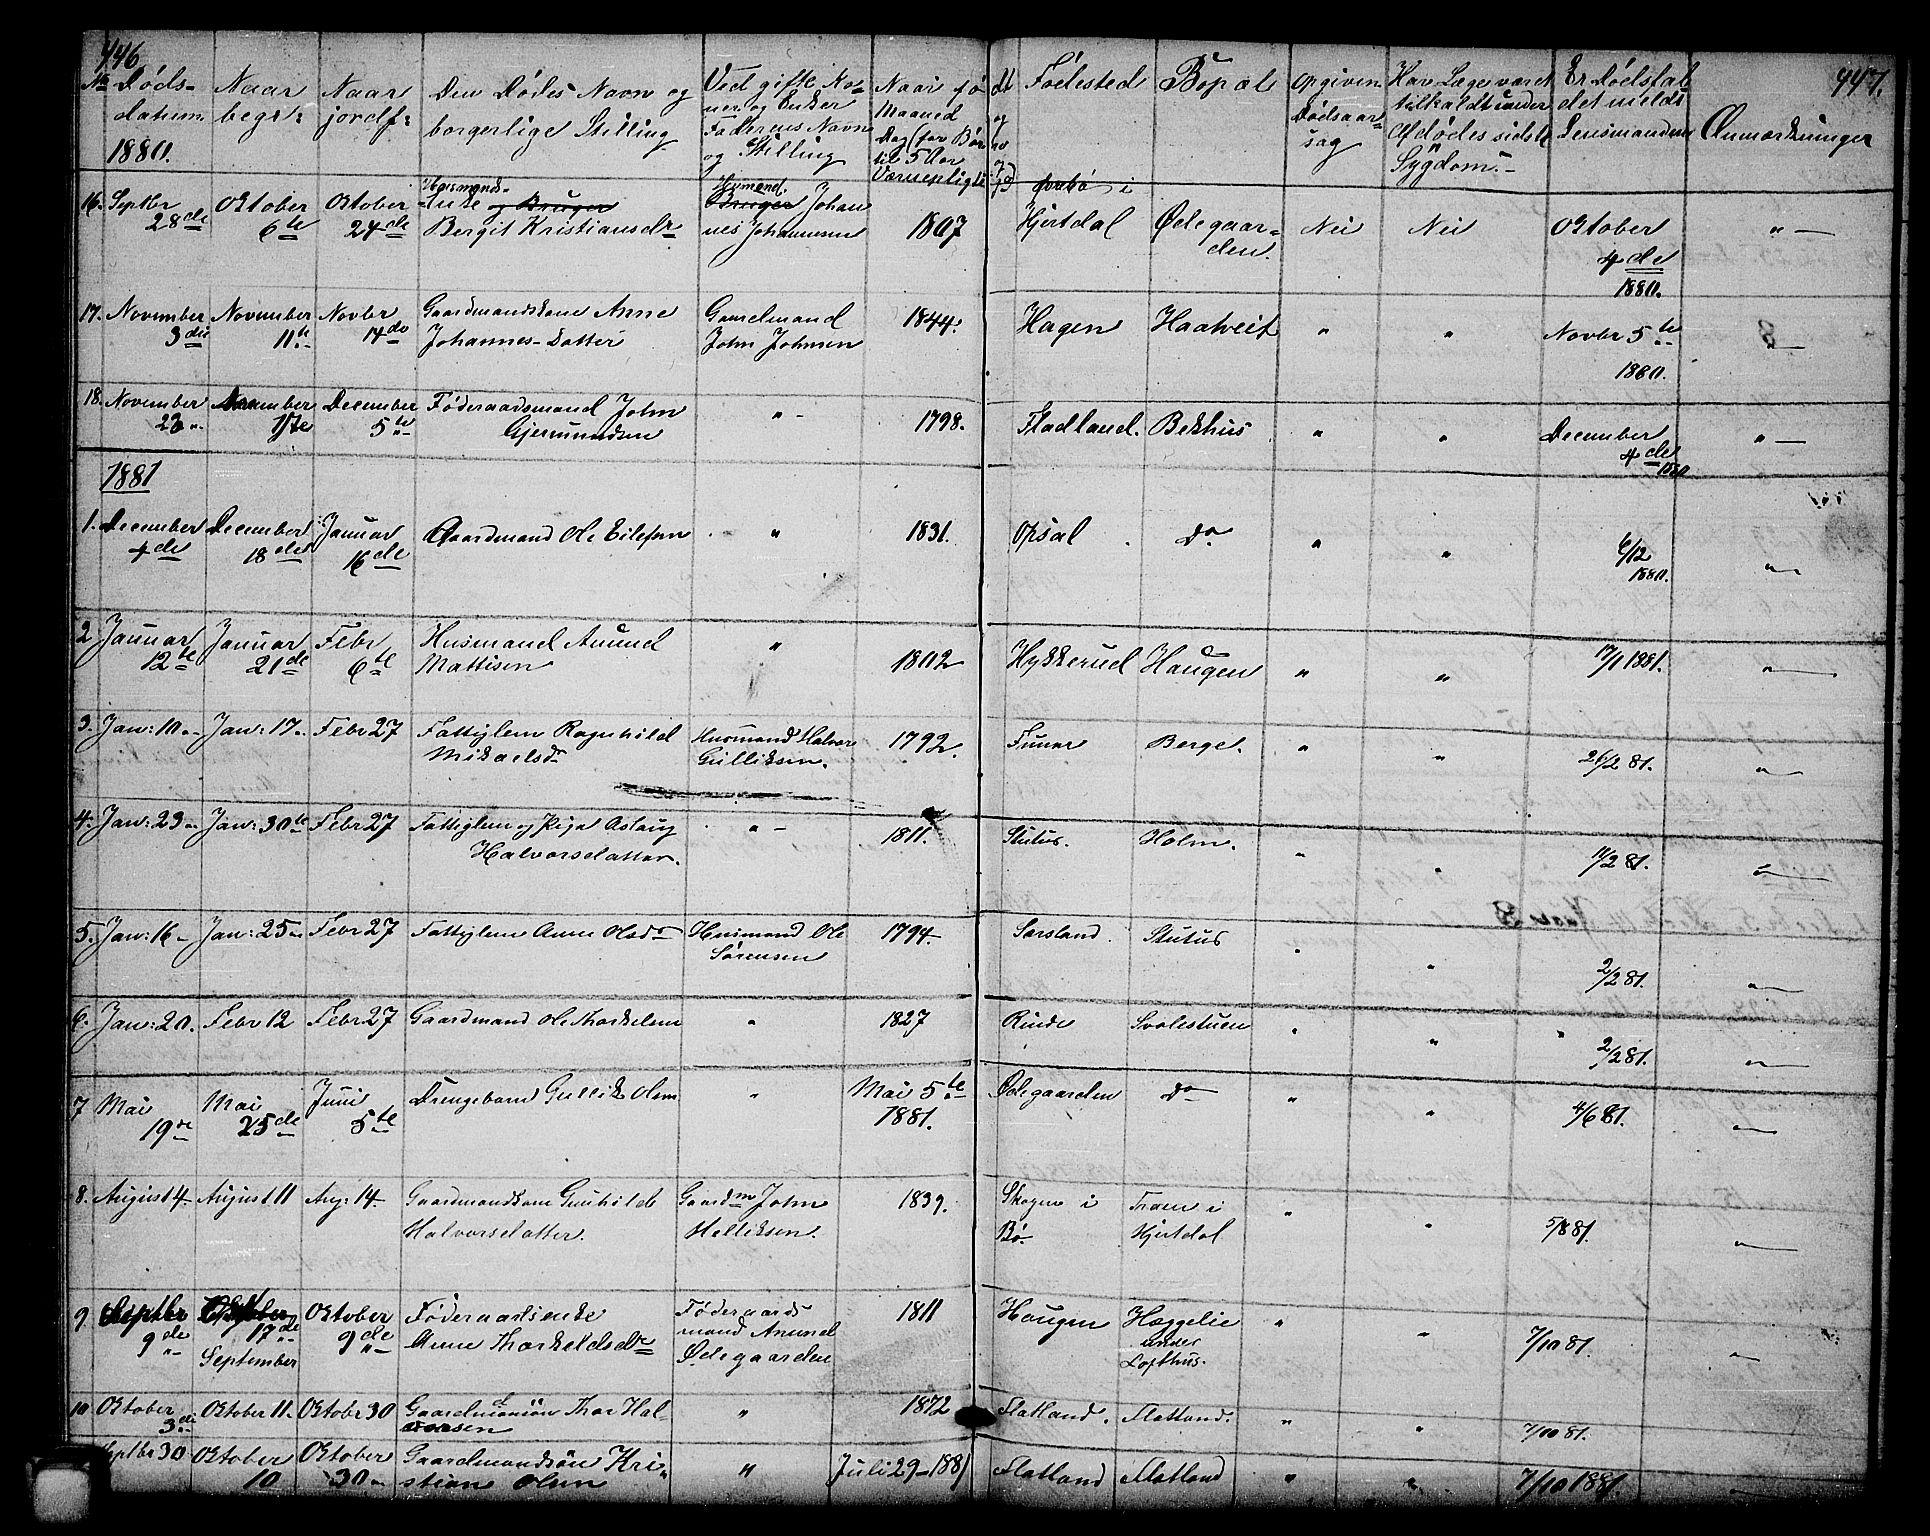 SAKO, Hjartdal kirkebøker, G/Ga/L0002: Klokkerbok nr. I 2, 1854-1888, s. 446-447